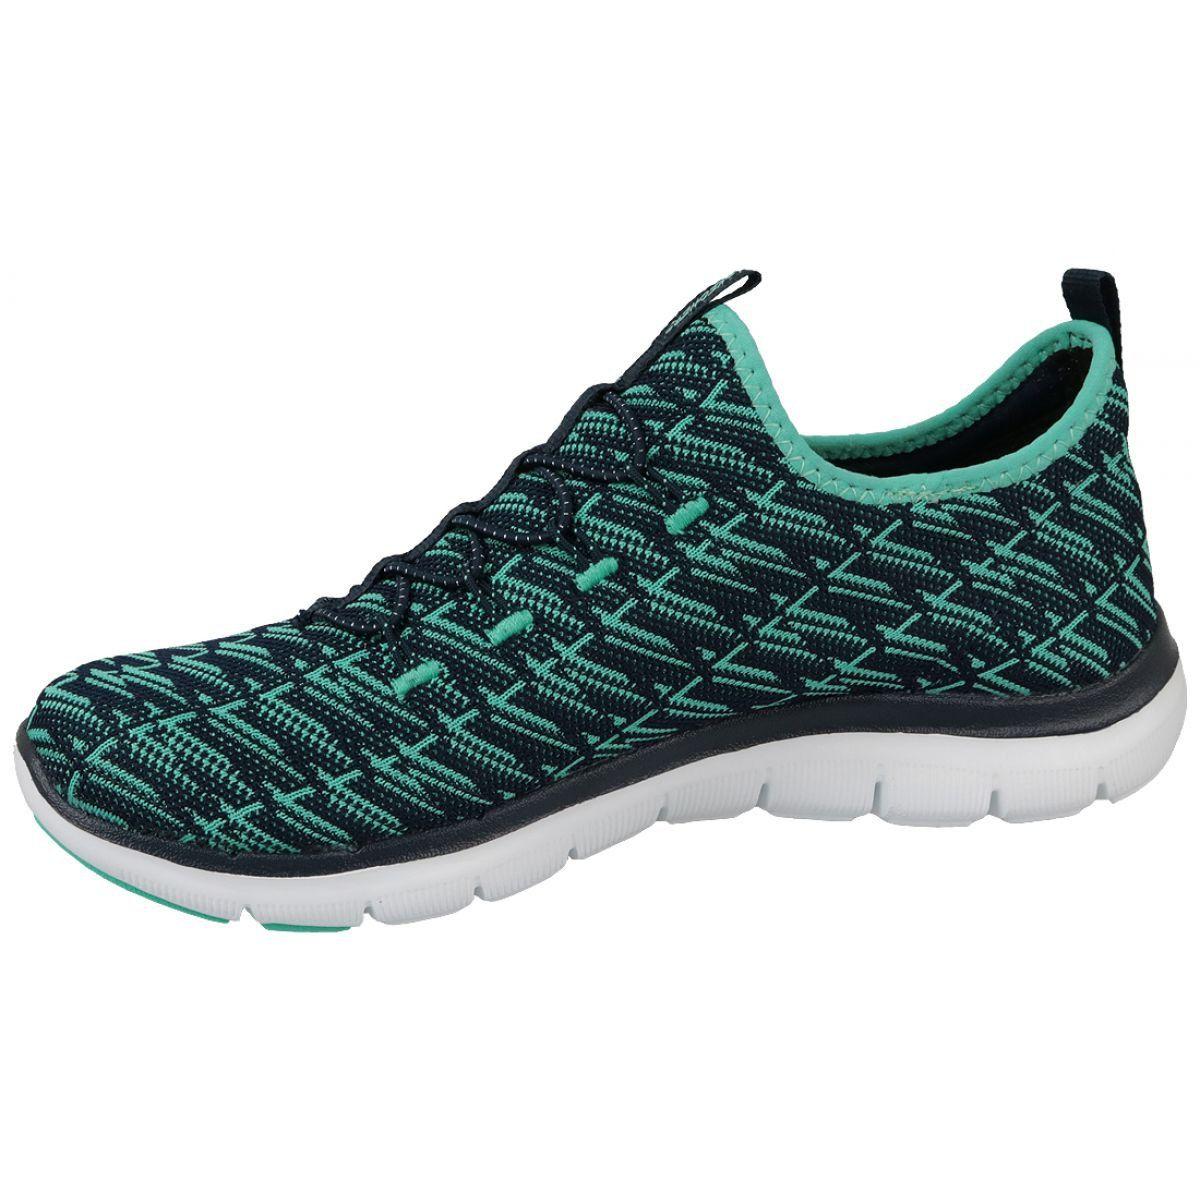 Buty Skechers Appeal 2 0 W 12765 Nvgr Czarne Niebieskie Skechers Sneakers Nike Sneakers